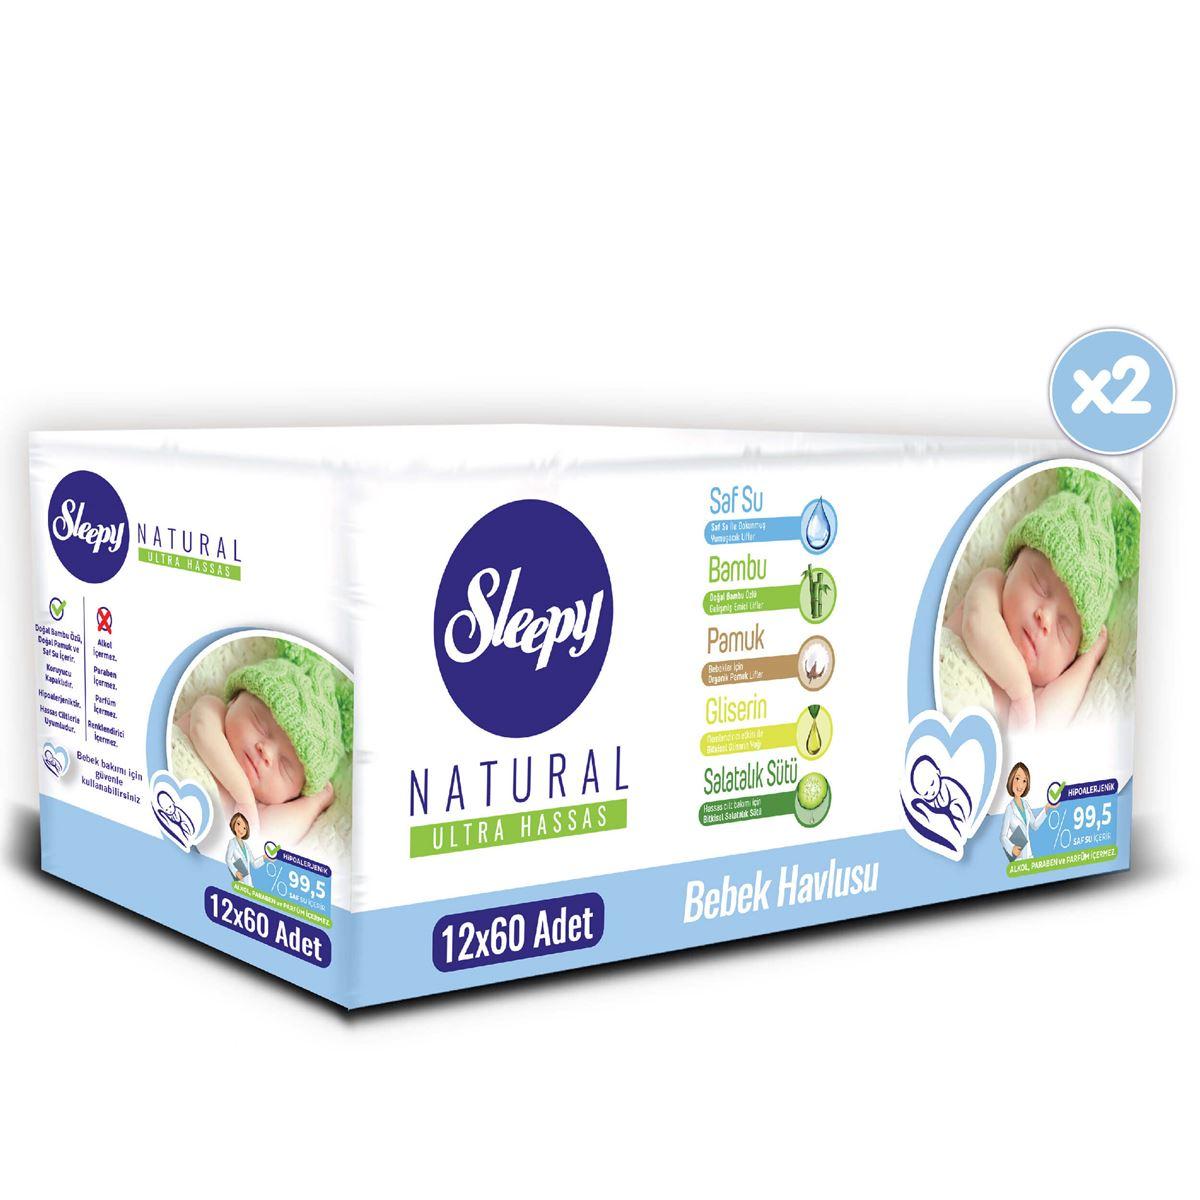 Sleepy Natural Bebek Havlusu 24X60